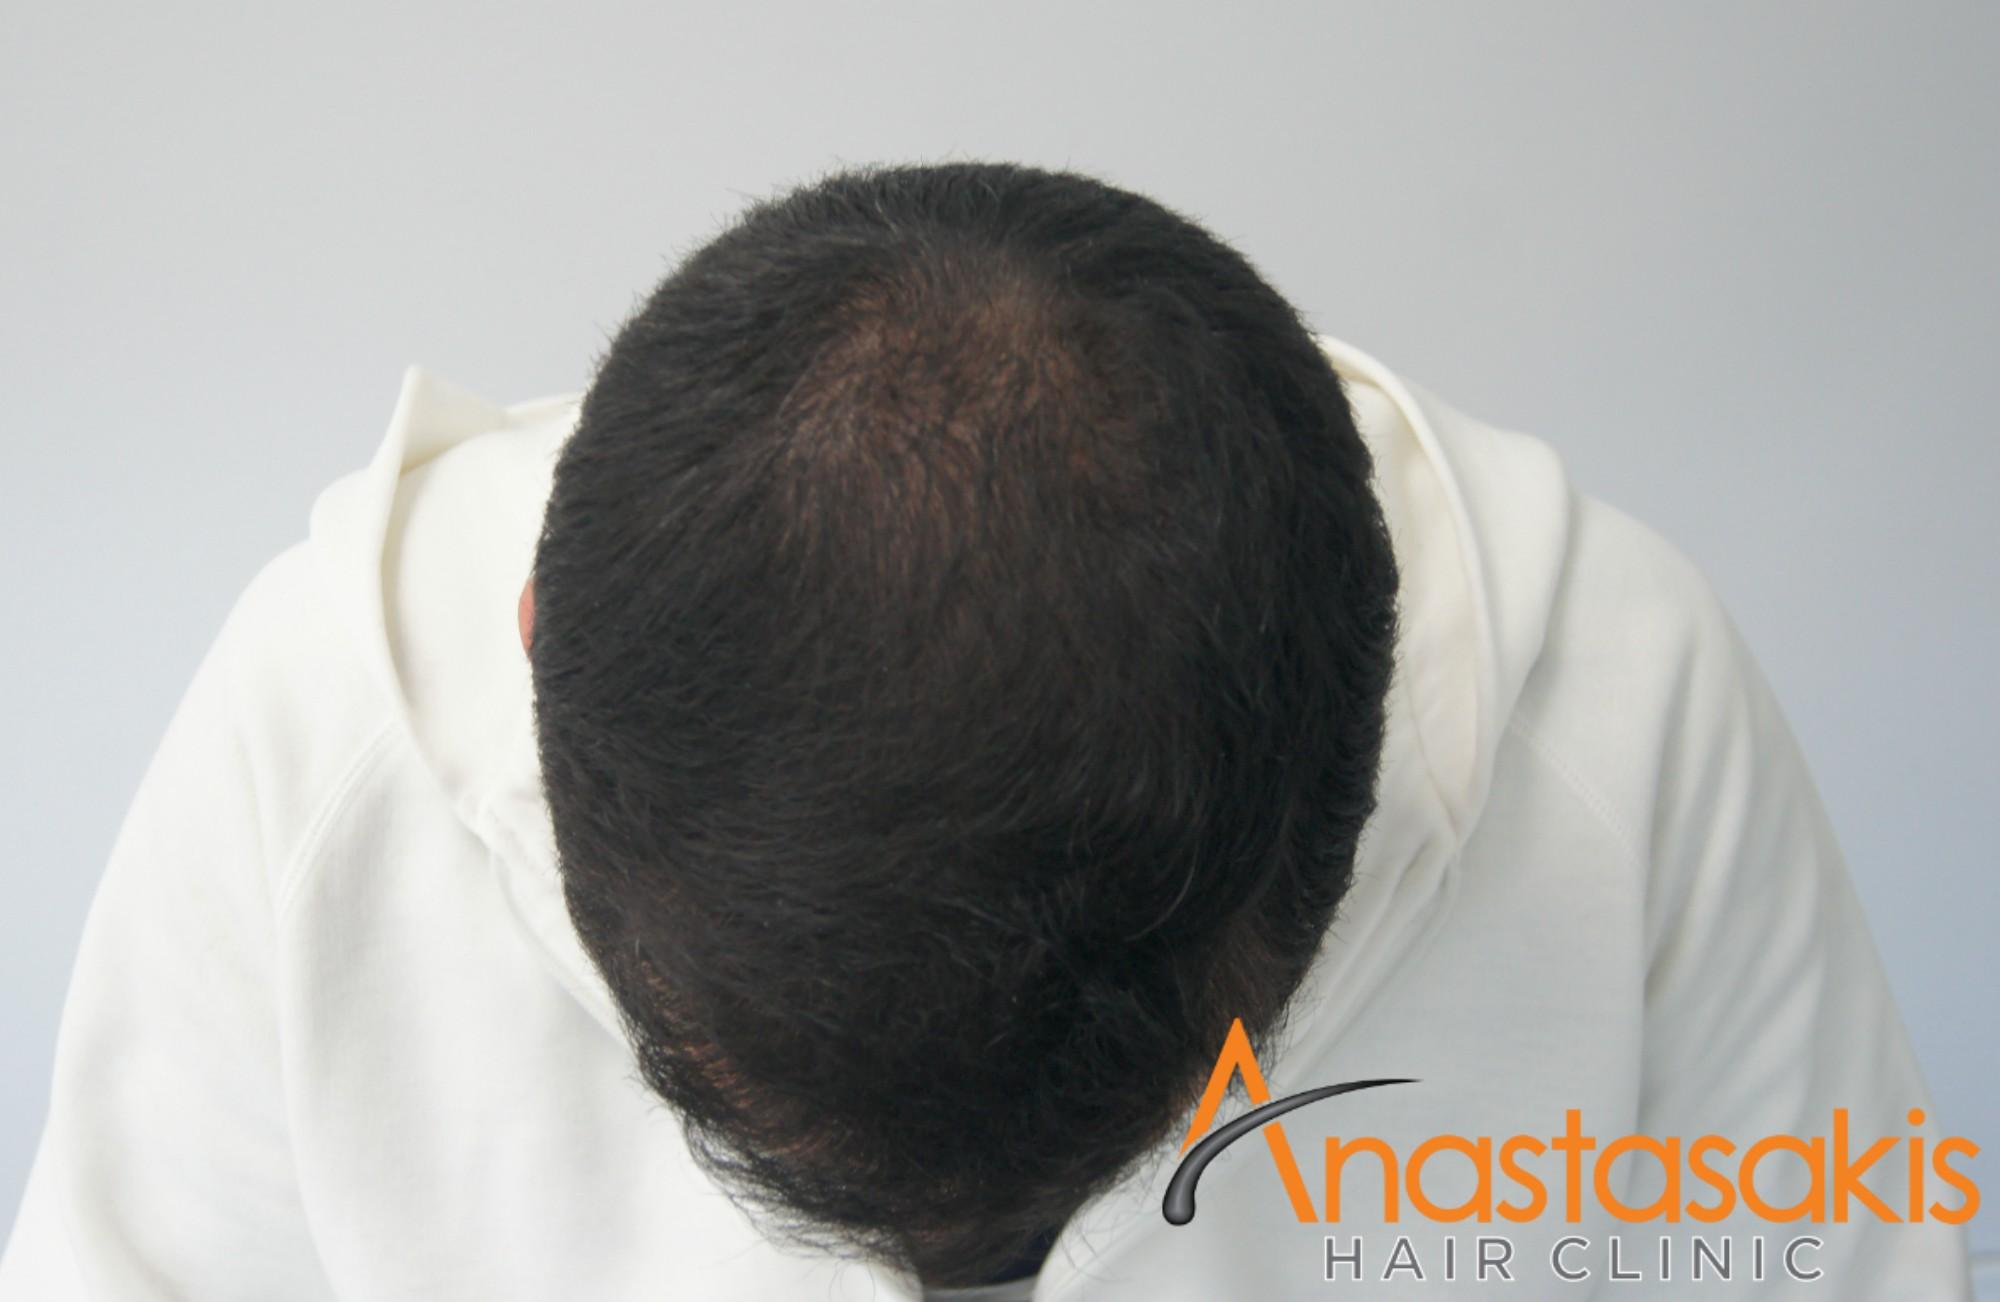 άνδρας μετά τη μεταμόσχευση μαλλιών fue με 1700fus μπροστά προφίλ